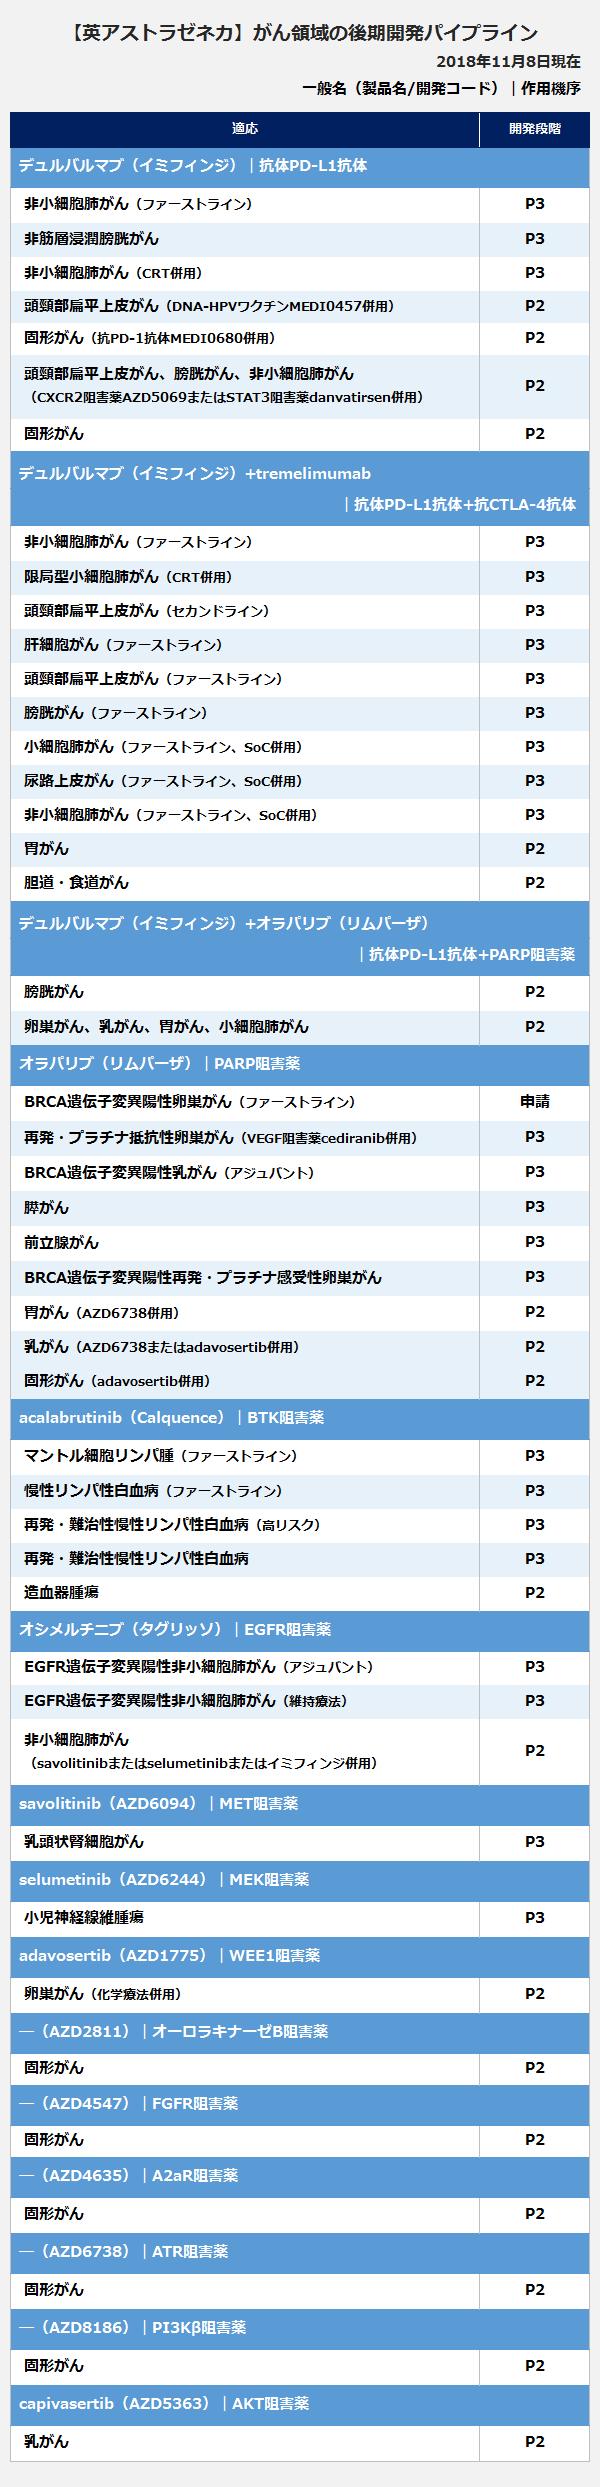 【英アストラゼネカ】がん領域の後期開発パイプラインの表。<デュルバルマブ(イミフィンジ)|抗体PD-L1抗体>適応:非小細胞肺がん(ファーストライン)、開発段階:P3。適応:非筋層浸潤膀胱がん、開発段階:P3。適応:非小細胞肺がん(CRT併用)、開発段階:P3。適応:頭頸部扁平上皮がん(DNA-HPVワクチンMEDI0457併用)、開発段階:P2。適応:固形がん(抗PD-1抗体MEDI0680併用)、開発段階:P2。適応:頭頸部扁平上皮がん、膀胱がん、非小細胞肺がん(CXCR2阻害薬AZD5069またはSTAT3阻害薬danvatirsen併用)、開発段階:P2。適応:固形がん、開発段階:P2。<デュルバルマブ(イミフィンジ)+tremelimumab|抗体PD-L1抗体+抗CTLA-4抗体>適応:非小細胞肺がん(ファーストライン)、開発段階:P3。適応:限局型小細胞肺がん(CRT併用)、開発段階:P3。適応:頭頸部扁平上皮がん(セカンドライン)、開発段階:P3。適応:肝細胞がん(ファーストライン)、開発段階:P3。適応:頭頸部扁平上皮がん(ファーストライン)、開発段階:P3。適応:膀胱がん(ファーストライン)、開発段階:P3。適応:小細胞肺がん(ファーストライン、SoC併用)、開発段階:P3。適応:尿路上皮がん(ファーストライン、SoC併用)、開発段階:P3。適応:非小細胞肺がん(ファーストライン、SoC併用)、開発段階:P3。適応:胃がん、開発段階:P2。適応:胆道・食道がん、開発段階:P2。<デュルバルマブ(イミフィンジ)+オラパリブ(リムパーザ)|抗体PD-L1抗体+PARP阻害薬>適応:膀胱がん、開発段階:P2。適応:卵巣がん、乳がん、胃がん、小細胞肺がん、開発段階:P2。<オラパリブ(リムパーザ)|PARP阻害薬>適応:BRCA遺伝子変異陽性卵巣がん(ファーストライン)、開発段階:申請。適応:再発・プラチナ抵抗性卵巣がん(VEGF阻害薬cediranib併用)、開発段階:P3。適応:BRCA遺伝子変異陽性乳がん(アジュバント)、開発段階:P3。適応:膵がん、開発段階:P3。適応:前立腺がん、開発段階:P3。適応:BRCA遺伝子変異陽性再発・プラチナ感受性卵巣がん、開発段階:P3。適応:胃がん(AZD6738併用)、開発段階:P2。適応:乳がん(AZD6738またはadavosertib併用)、開発段階:P2。適応:固形がん(adavosertib併用)、開発段階:P2。<acalabrutinib(Calquence)|BTK阻害薬>適応:マントル細胞リンパ腫(ファーストライン)、開発段階:P3。適応:慢性リンパ性白血病(ファーストライン)、開発段階:P3。適応:再発・難治性慢性リンパ性白血病(高リスク)、開発段階:P3。適応:再発・難治性慢性リンパ性白血病、開発段階:P3。適応:造血器腫瘍、開発段階:P2。<オシメルチニブ(タグリッソ)|EGFR阻害薬>適応:EGFR遺伝子変異陽性非小細胞肺がん(アジュバント)、開発段階:P3。適応:EGFR遺伝子変異陽性非小細胞肺がん(維持療法)、開発段階:P3。適応:非小細胞肺がん(savolitinibまたはselumetinibまたはイミフィンジ併用)、開発段階:P2。<savolitinib(AZD6094)|MET阻害薬>適応:乳頭状腎細胞がん、開発段階:P3。<selumetinib(AZD6244)|MEK阻害薬>適応:小児神経線維腫瘍、開発段階:P3。<adavosertib(AZD1775)|WEE1阻害薬>適応:卵巣がん(化学療法併用)、開発段階:P2。<(AZD2811)|オーロラキナーゼB阻害薬>適応:固形がん、開発段階:P2。<(AZD4547)|FGFR阻害薬>適応:固形がん、開発段階:P2。<(AZD4635)|A2aR阻害薬>適応:固形がん、開発段階:P2。<(AZD6738)|ATR阻害薬>適応:固形がん、開発段階:P2。<(AZD8186)|PI3Kβ阻害薬>適応:固形がん、開発段階:P2。<capivasertib(AZD5363)|AKT阻害薬>適応:乳がん、開発段階:P2。